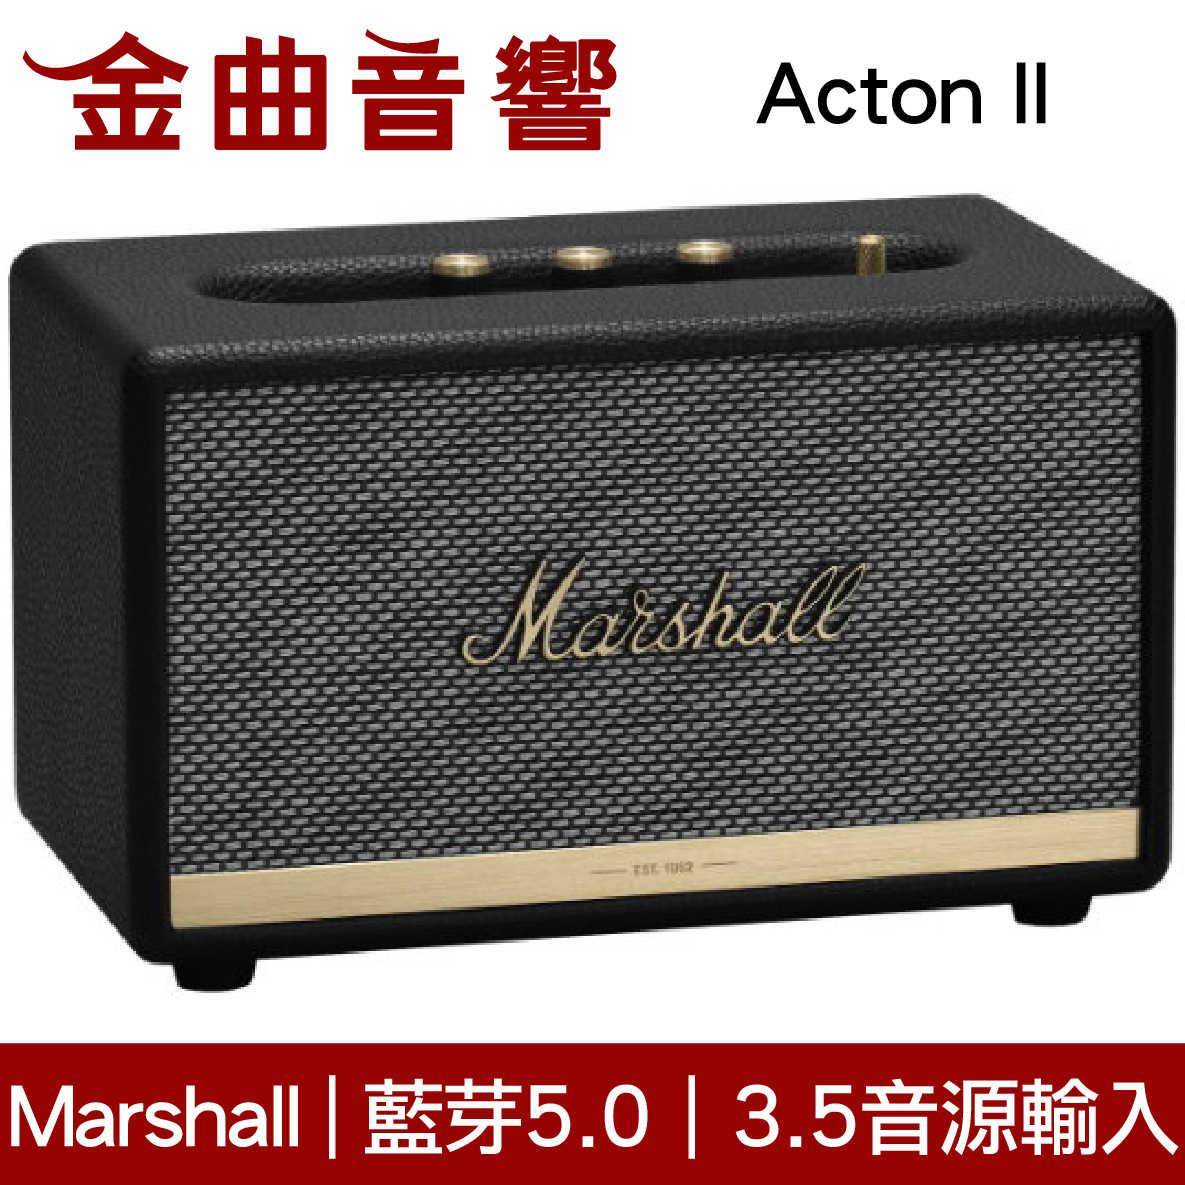 帶品_Marshall Acton II